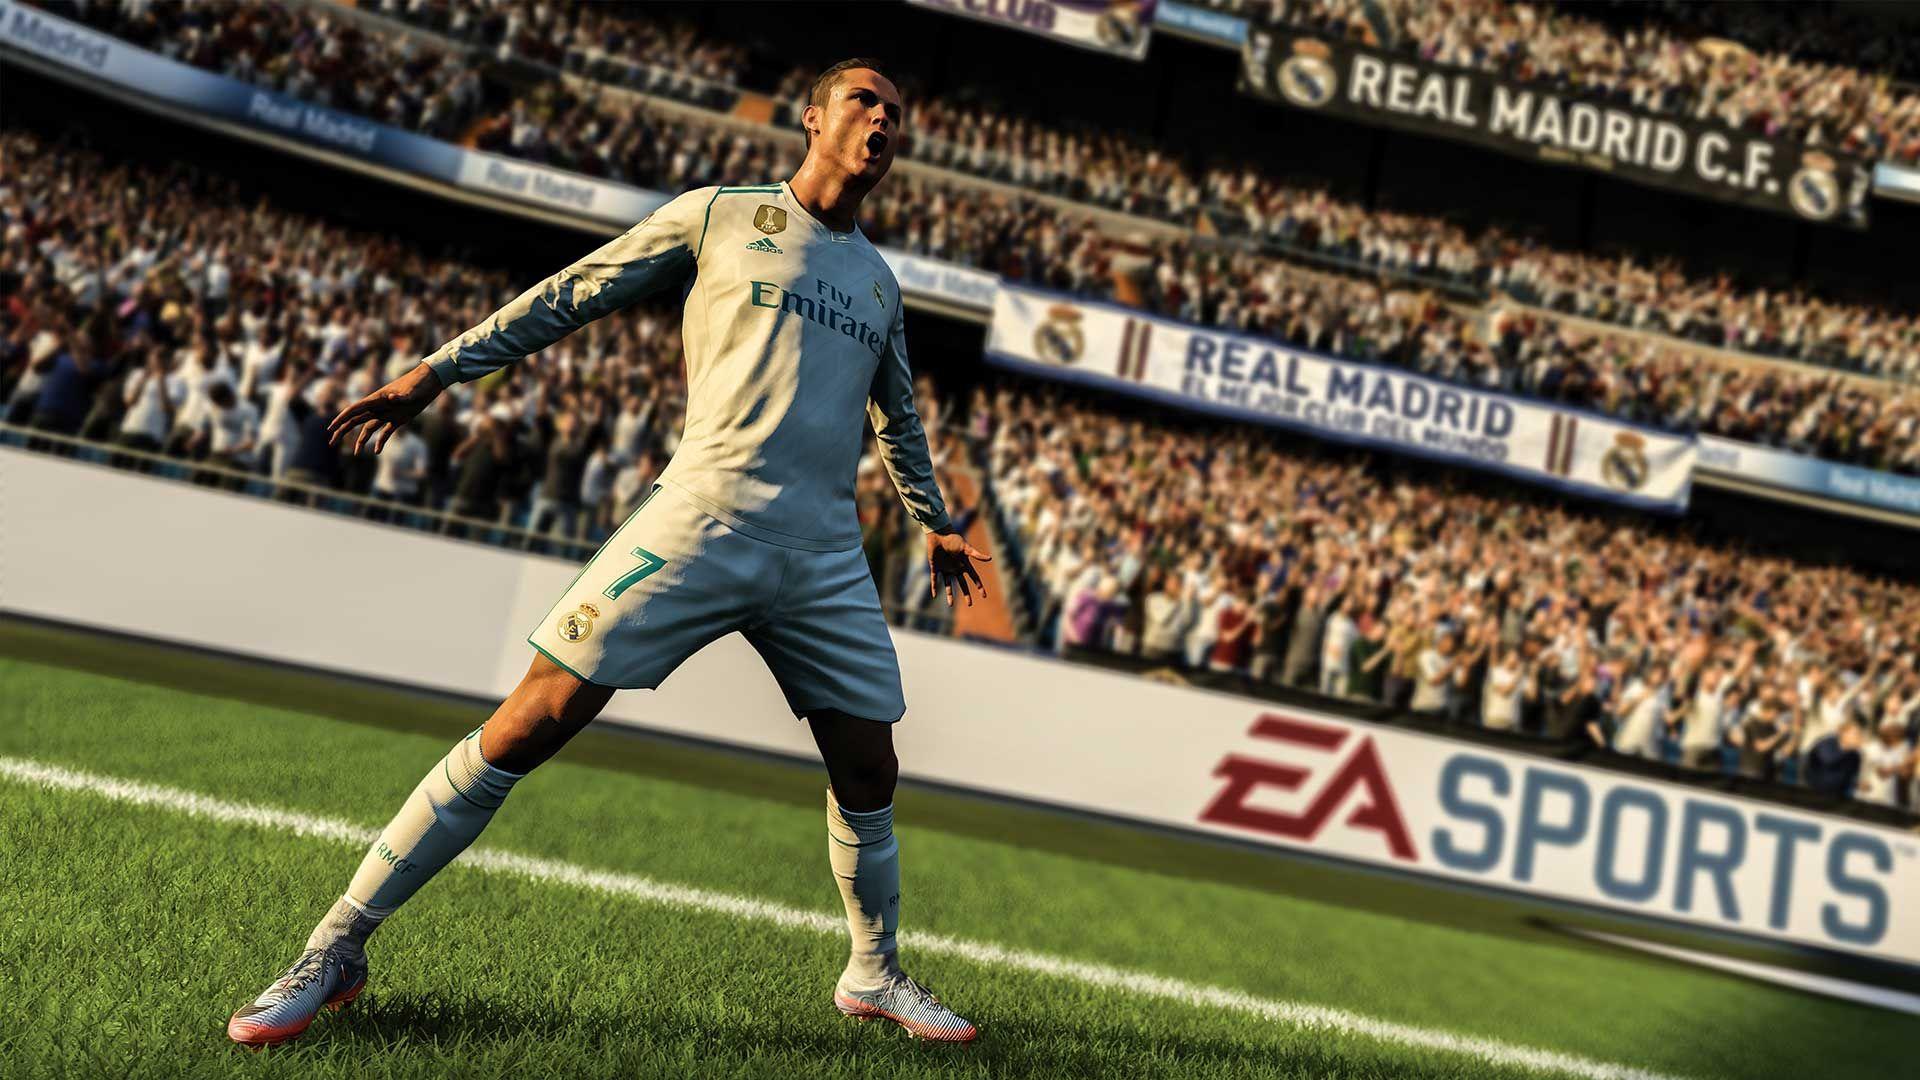 Fifa 18 PC download - £17.49 at www.Origin.com